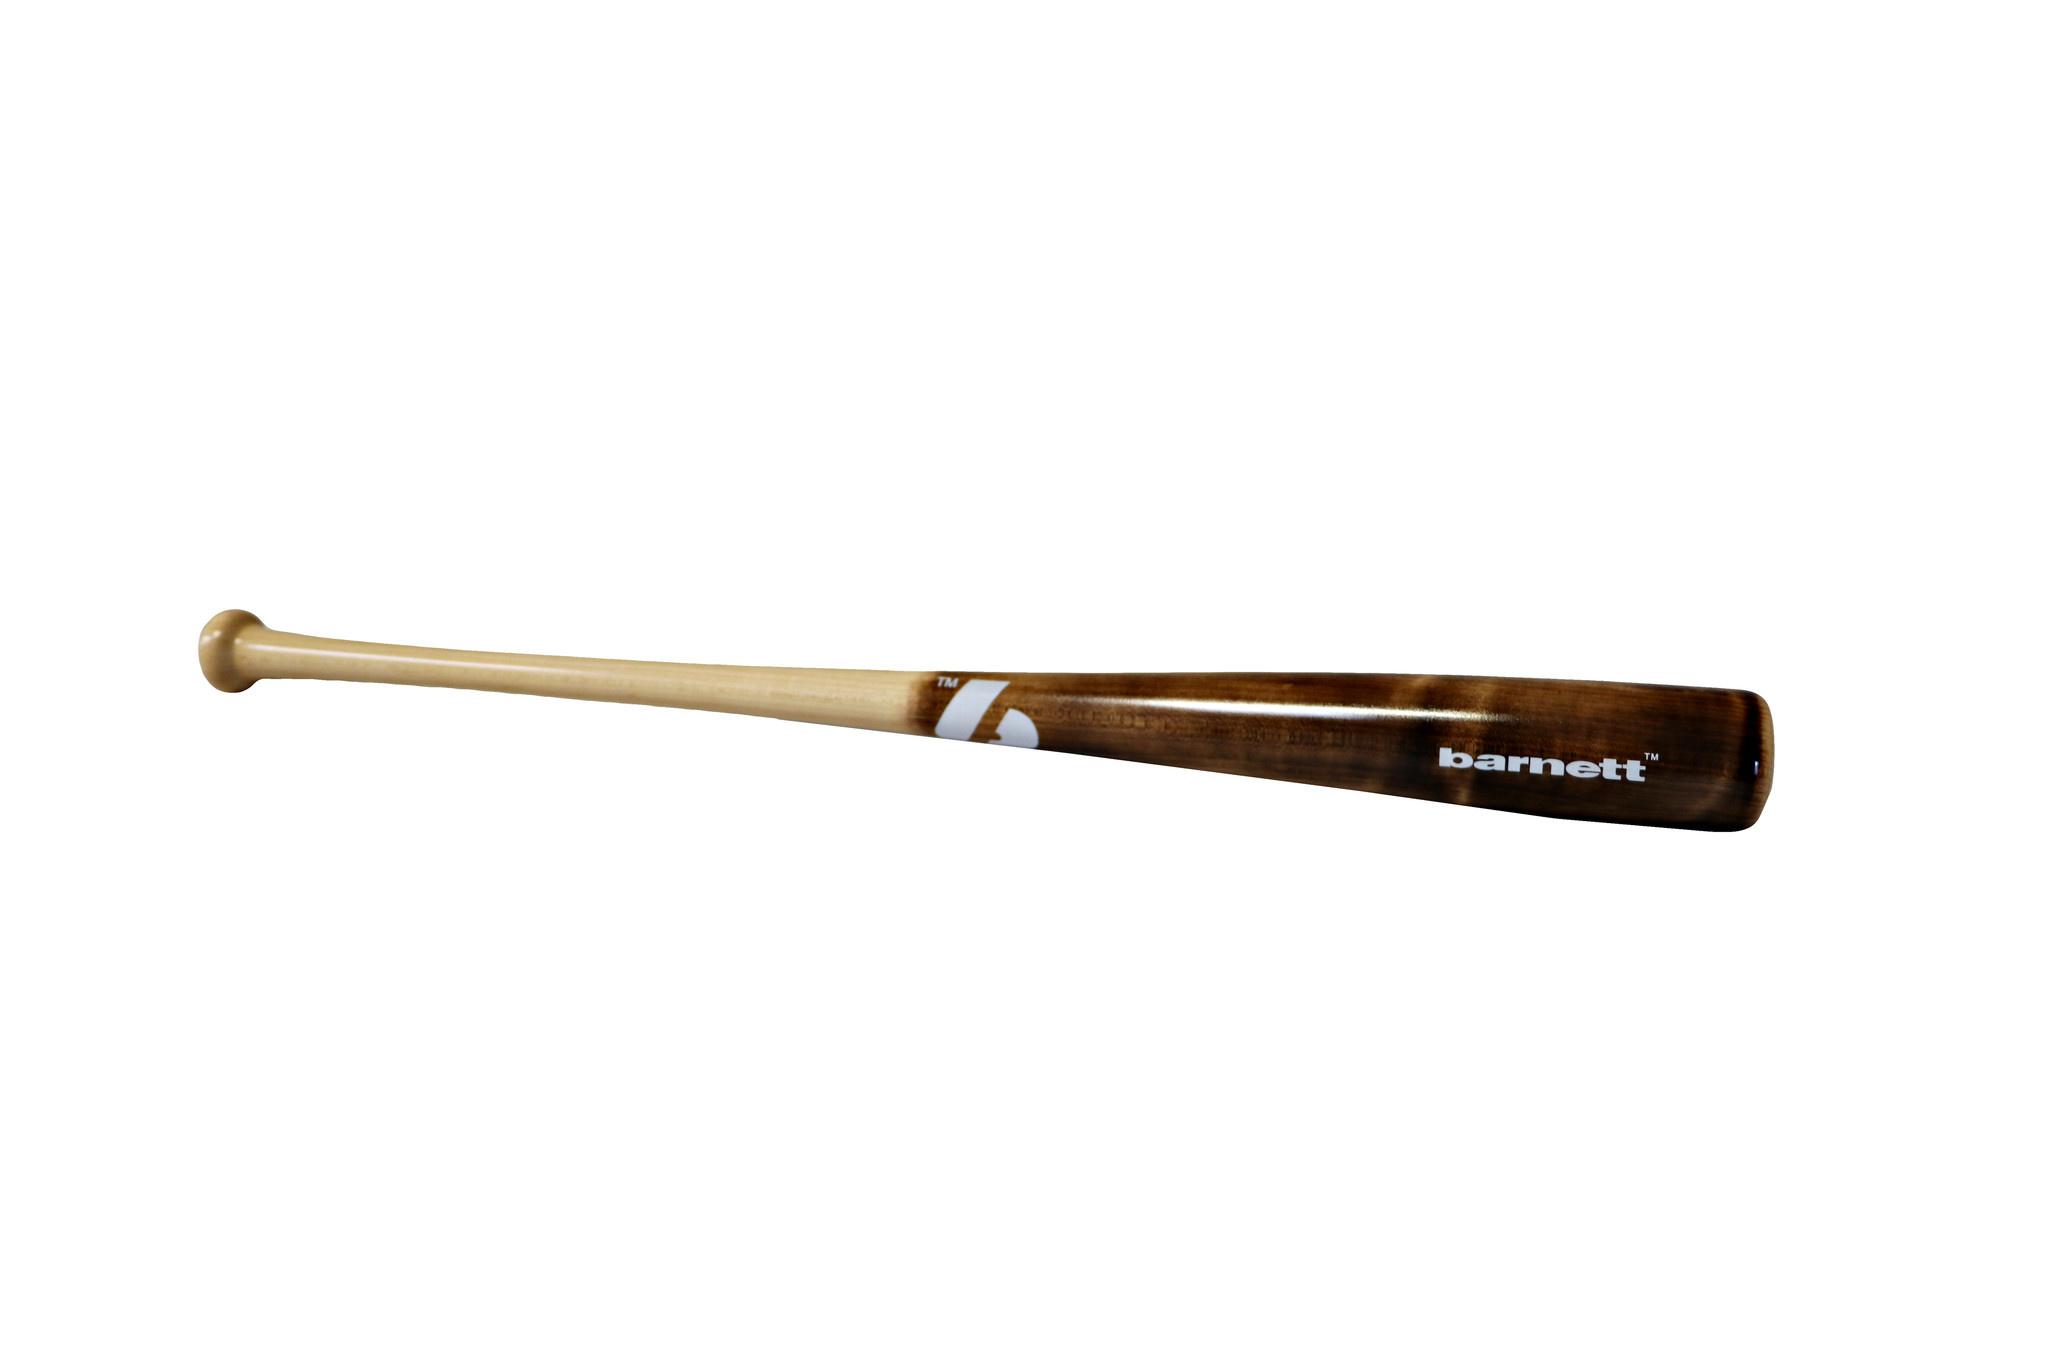 BB-12 Bate de béisbol de madera marrón